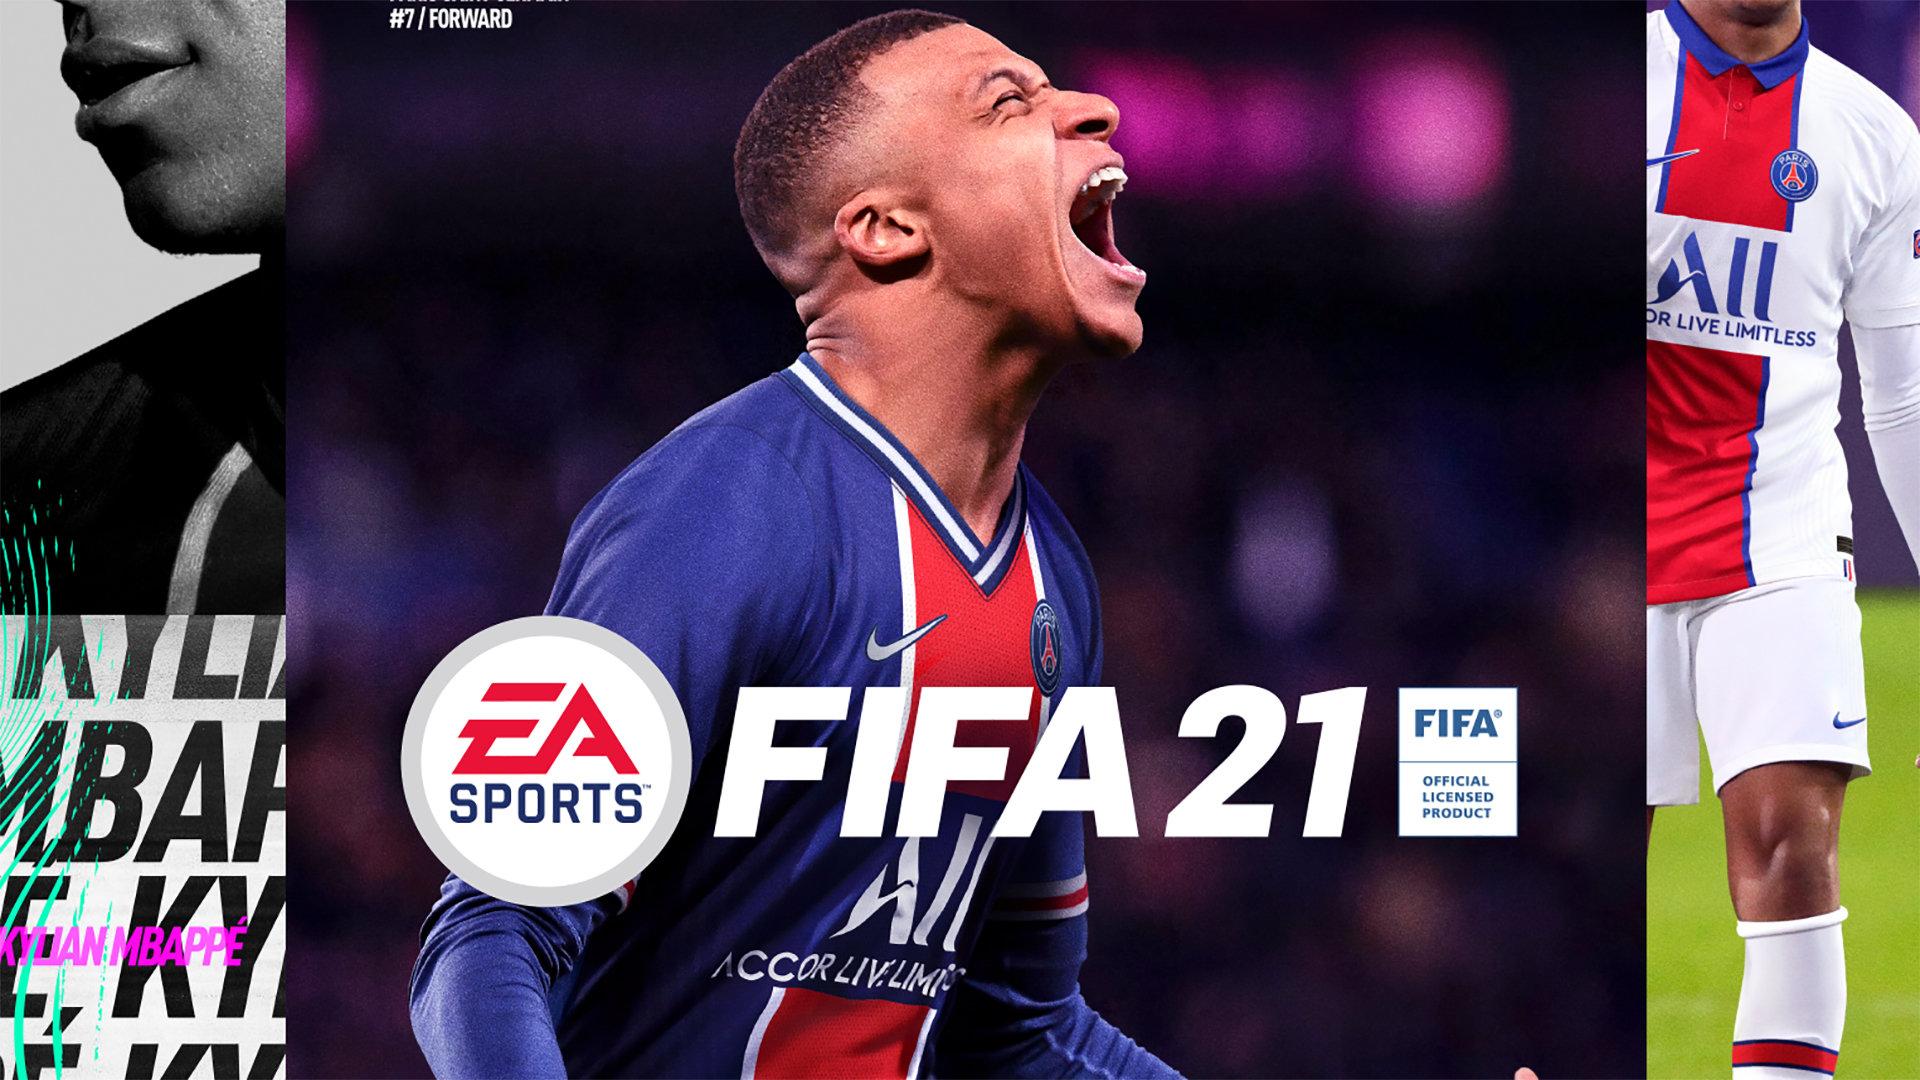 Review: fifa 21 traz o simulador para a nova geração. Fifa 21 chega com seus consagrados modos de jogo e algumas novidades para os videogames da mais recente geração